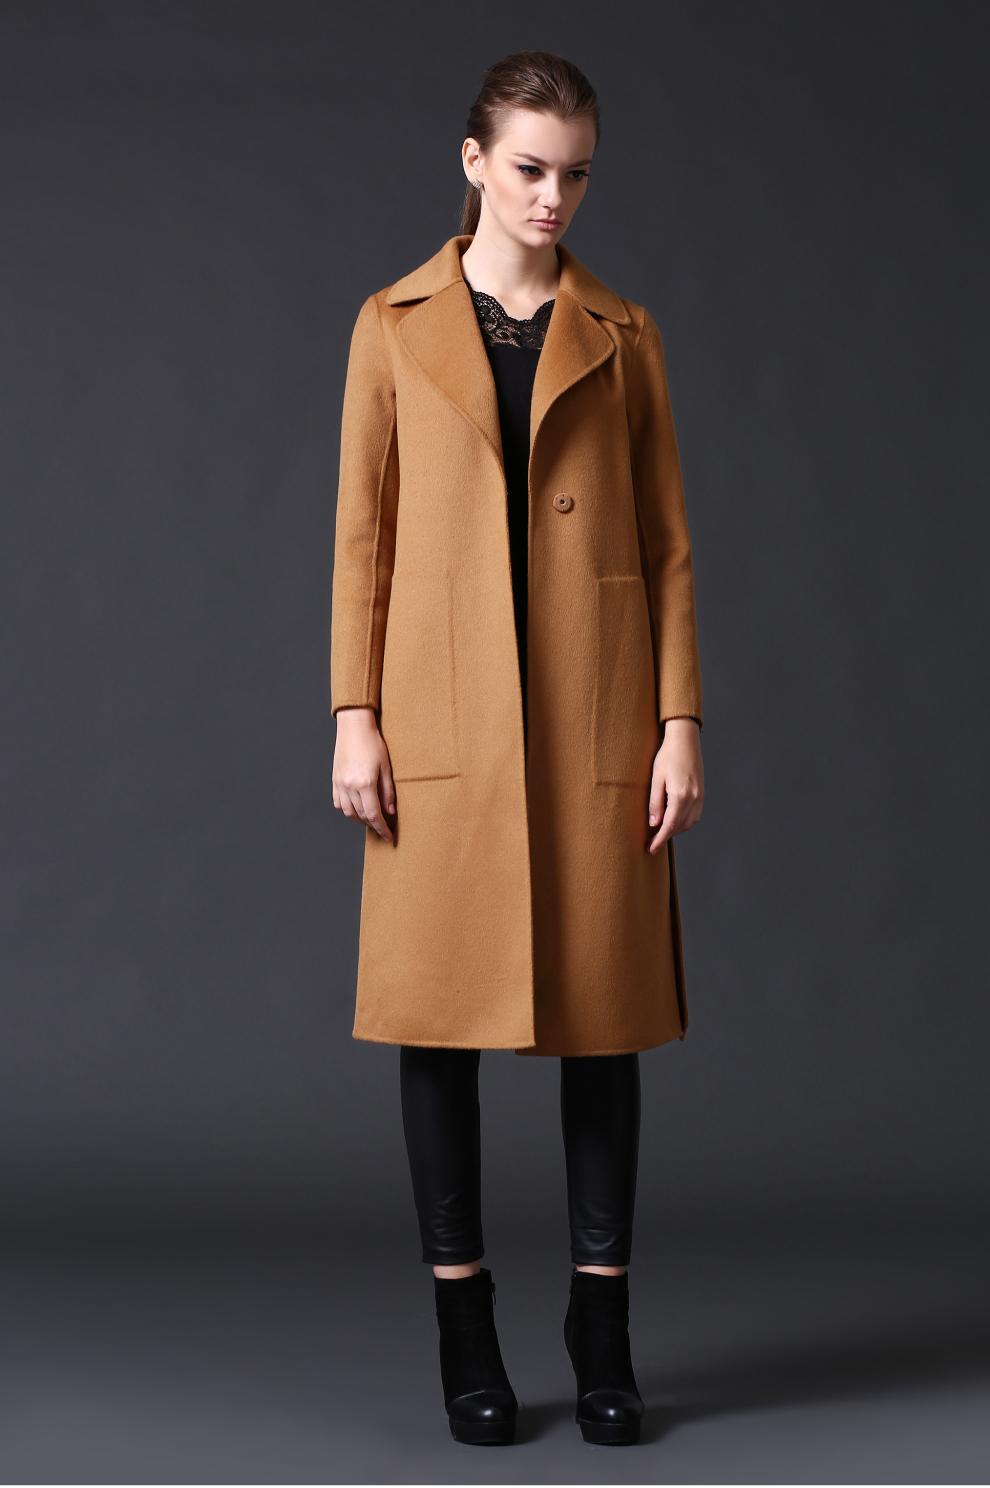 今年新款羊绒大衣_2014新款羊绒大衣 _排行榜大全